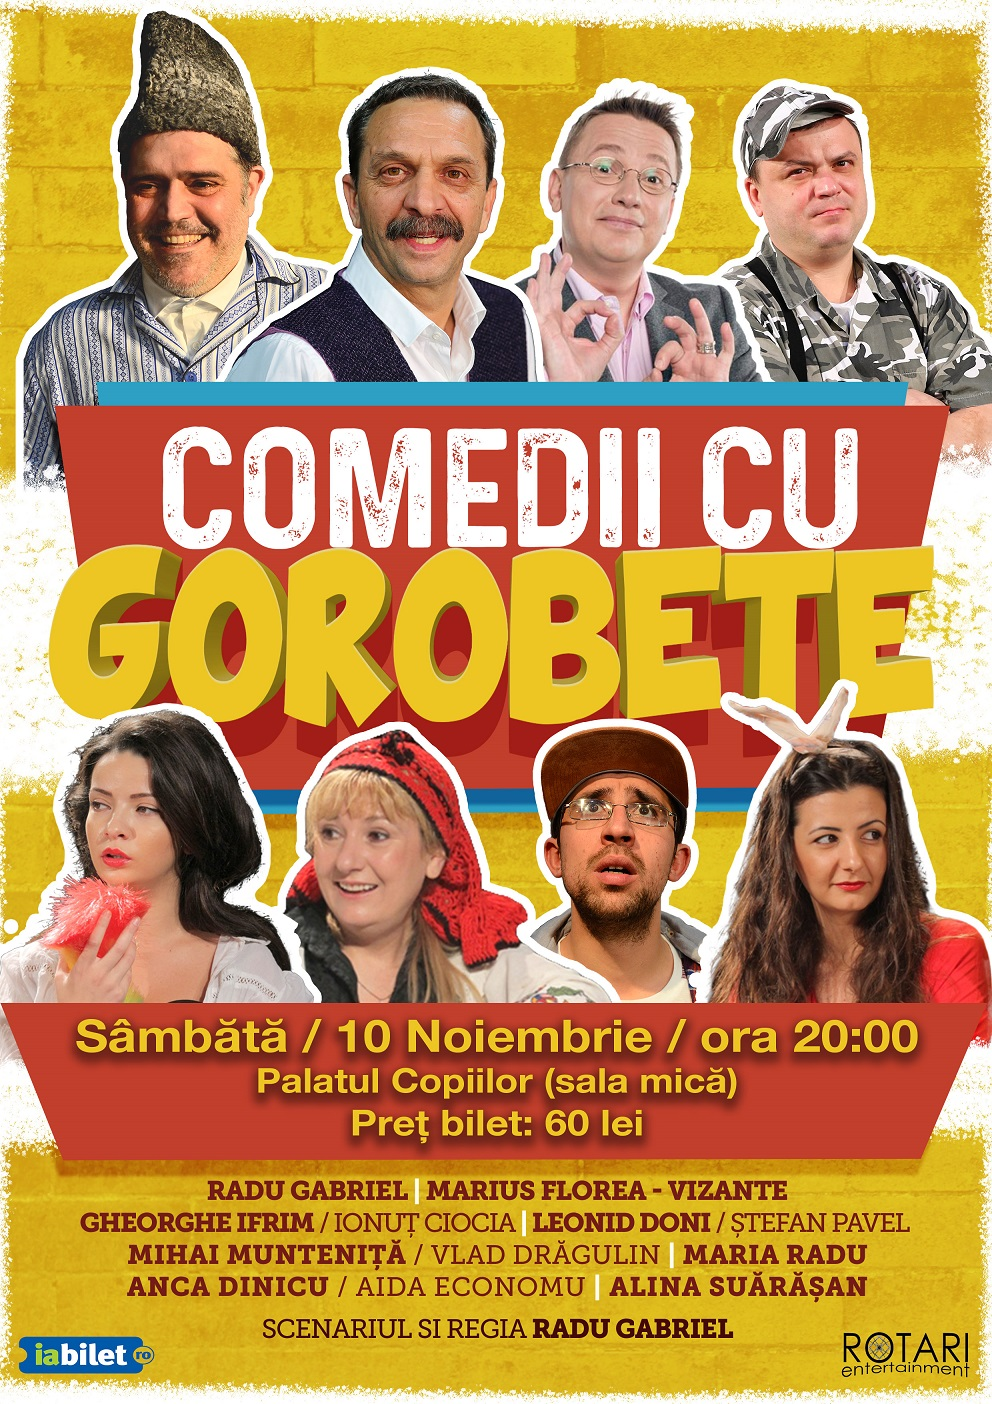 Spectacolul Comedii cu Gorobete scris și regizat de Radu Gabriel, la Sala Mică a Palatului Național al Copiilor